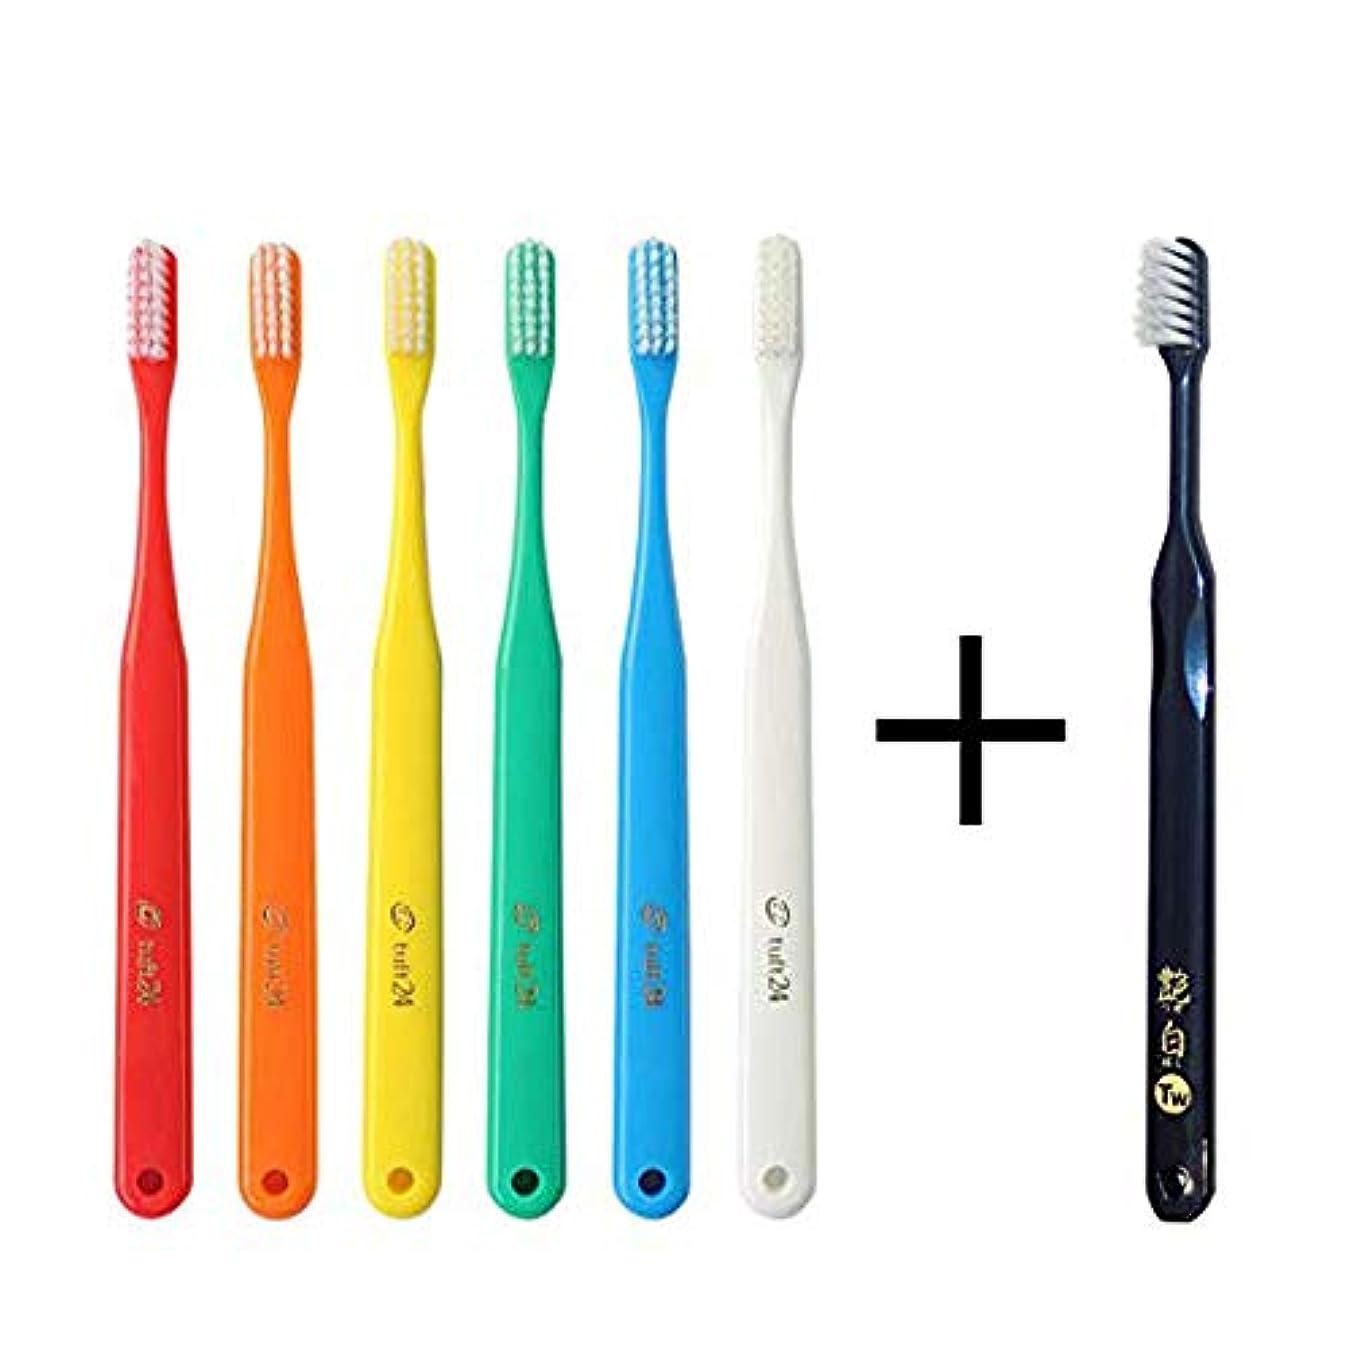 横たわるボタン支店タフト24 歯ブラシ× 10本 (M) キャップなし + 艶白ツイン 歯ブラシ (M ふつう) ×1本 むし歯予防 歯科専売